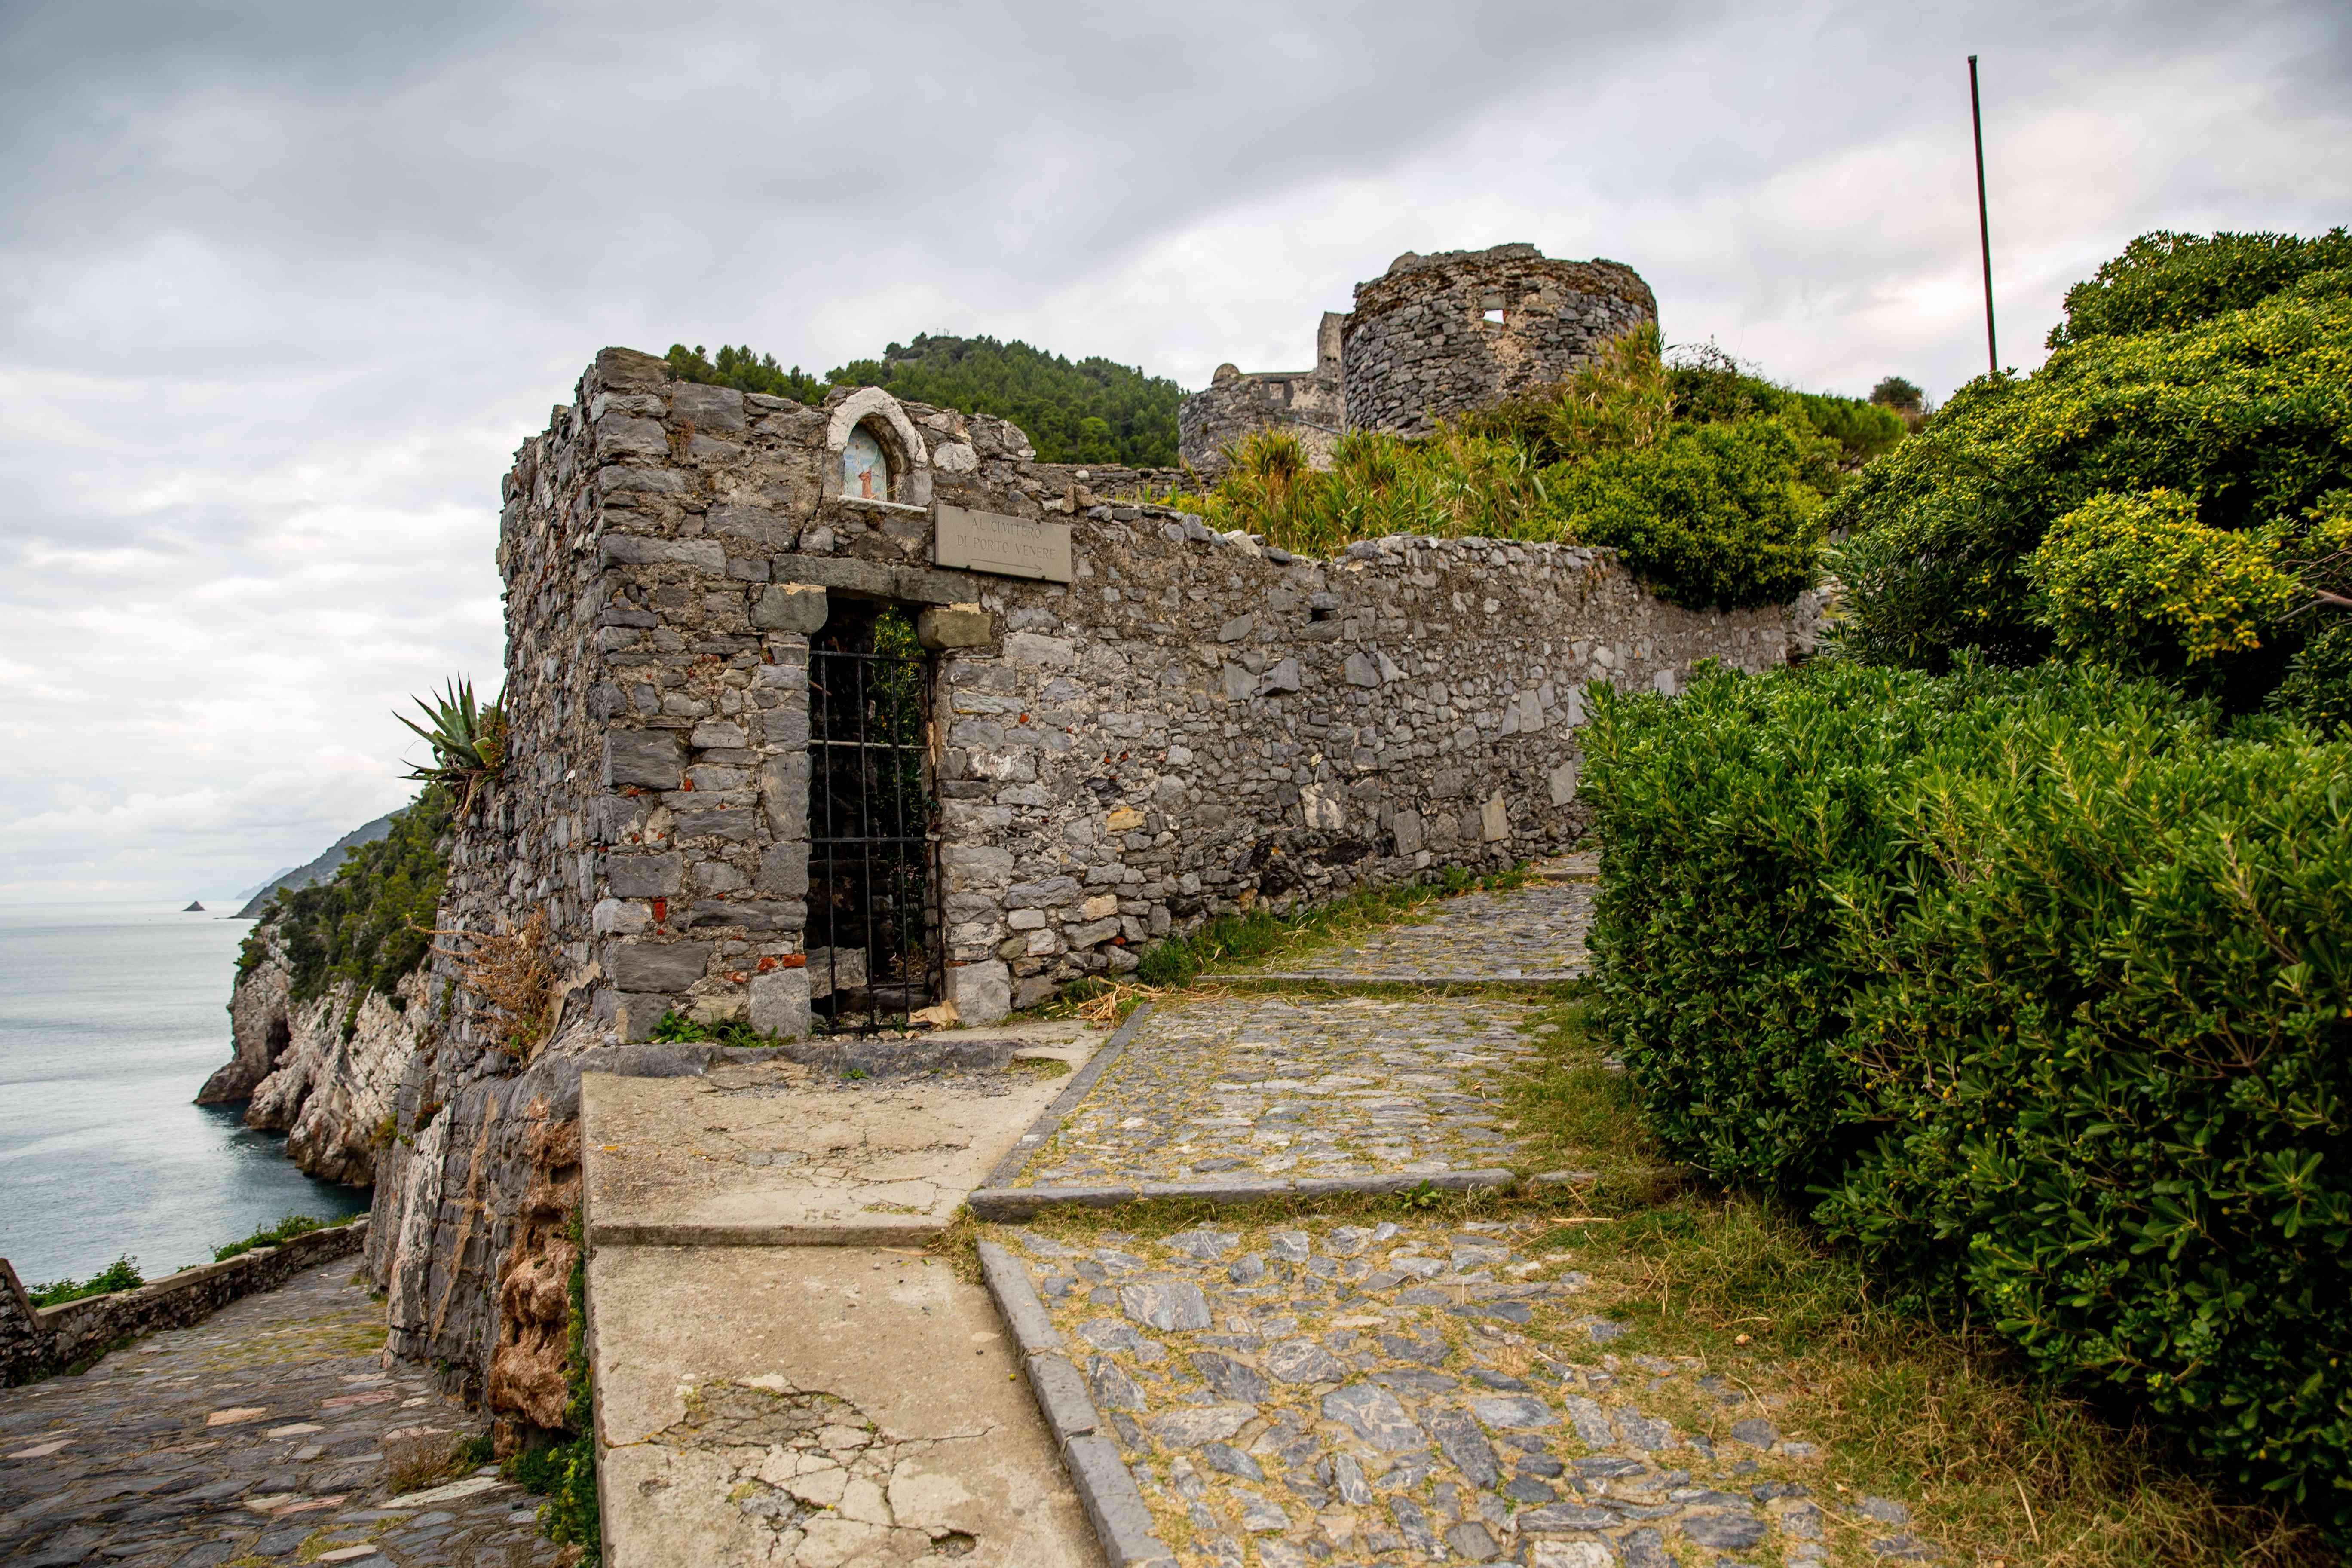 Andrea Doria Castle Of Portovenere, Italy